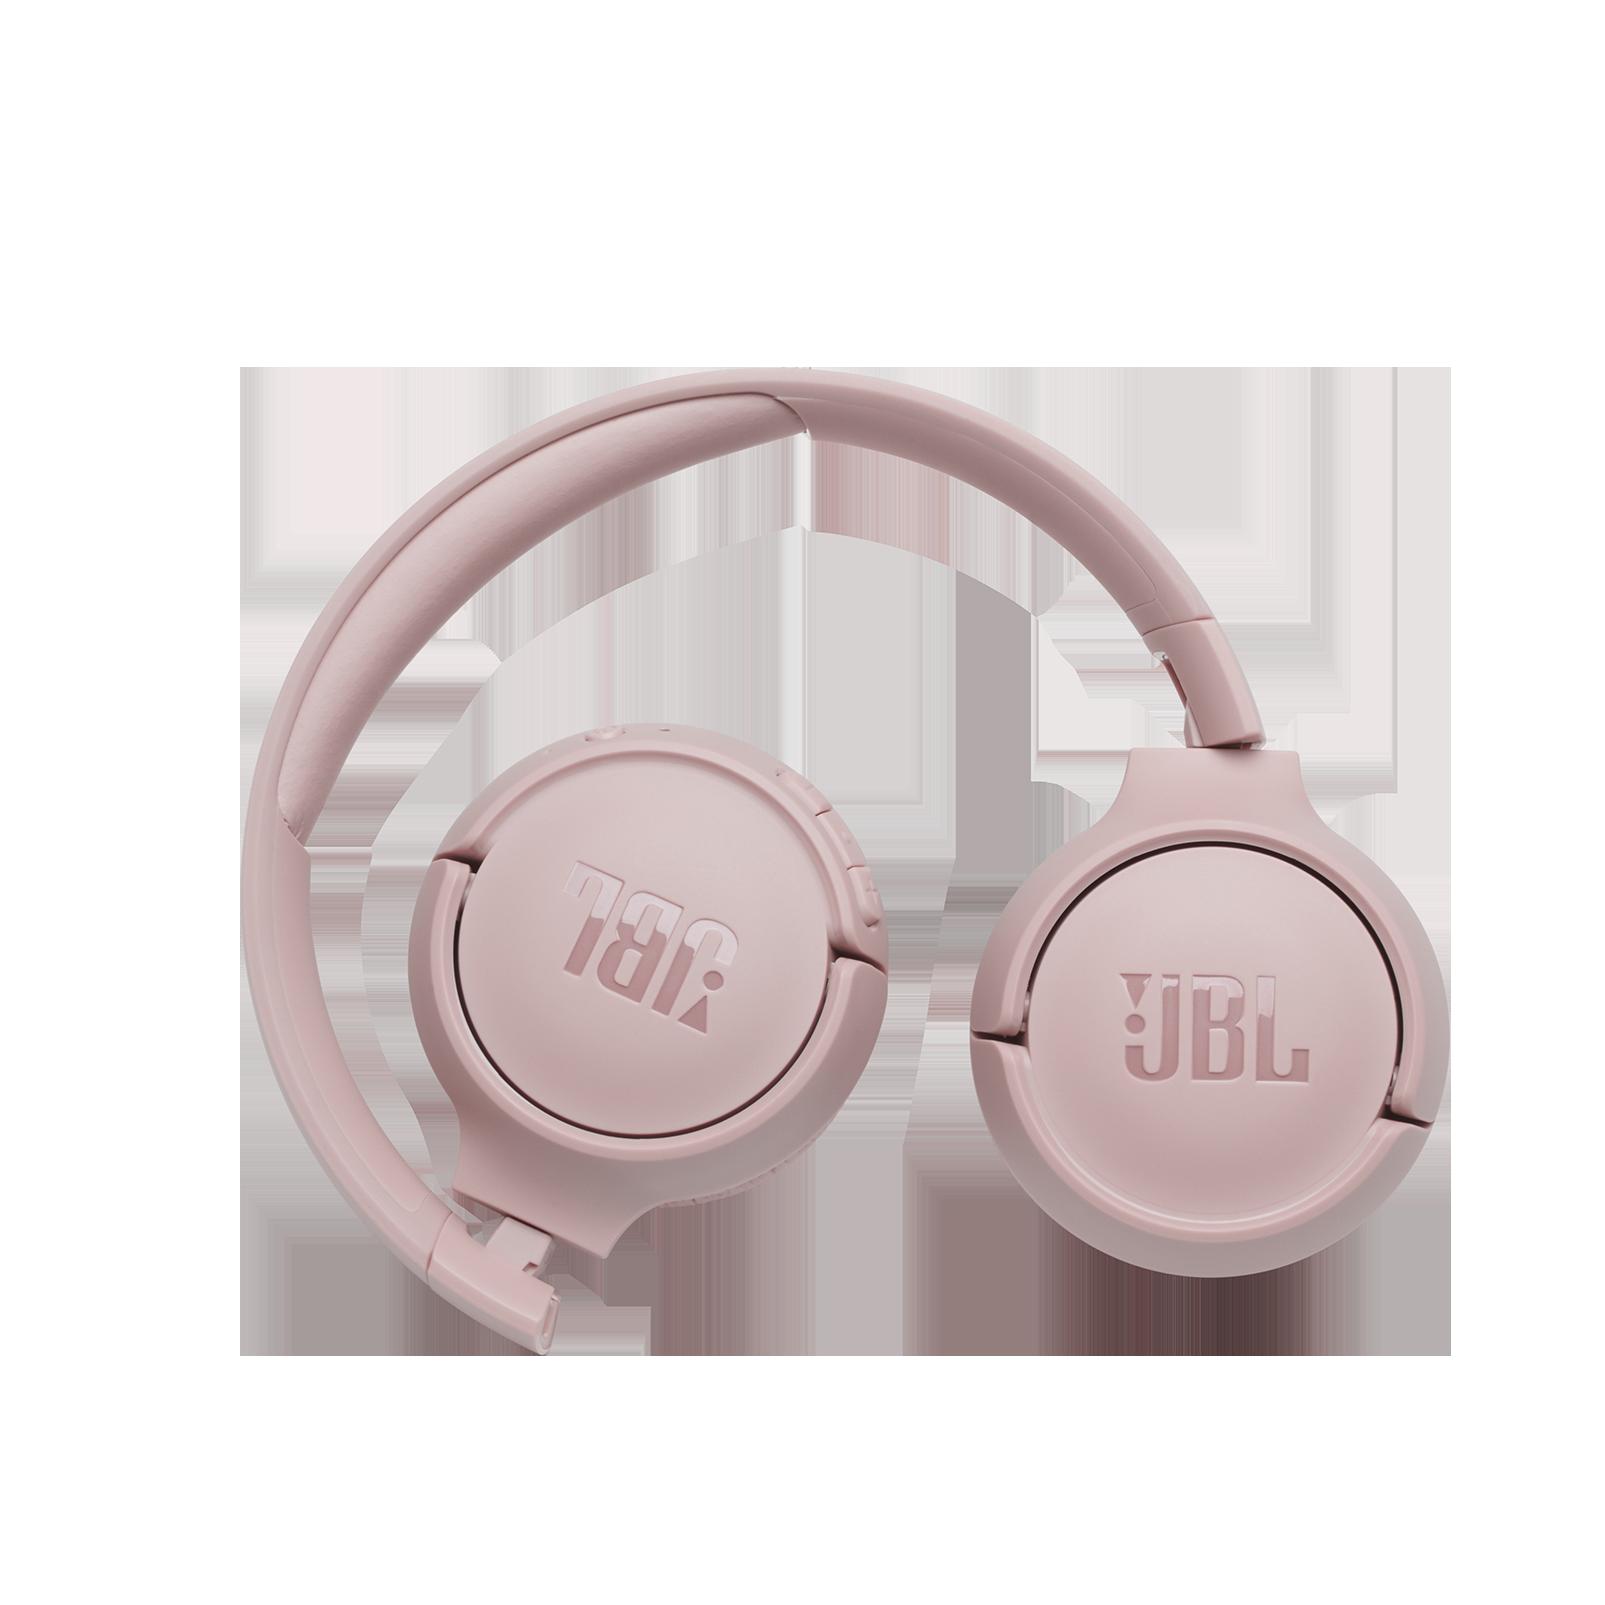 JBL TUNE 560BT - Pink - Wireless on-ear headphones - Front